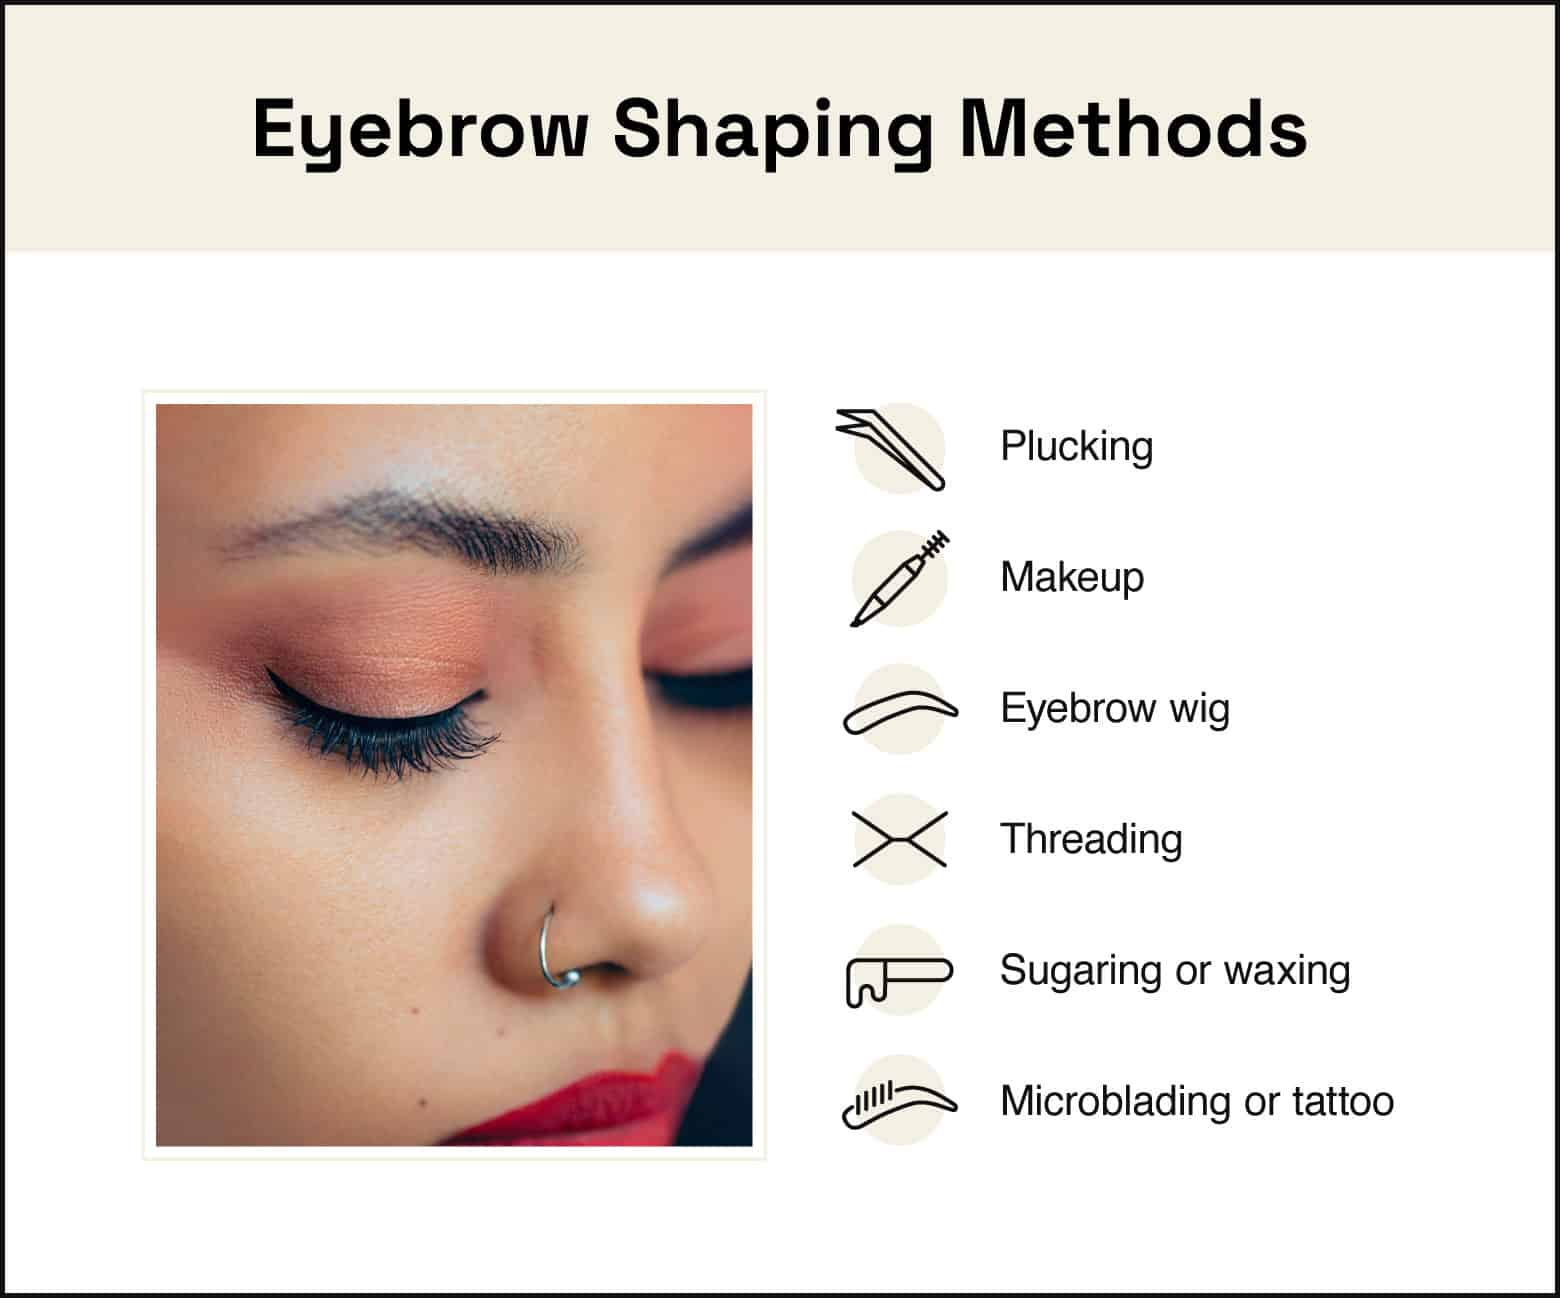 eyebrow shaping methods